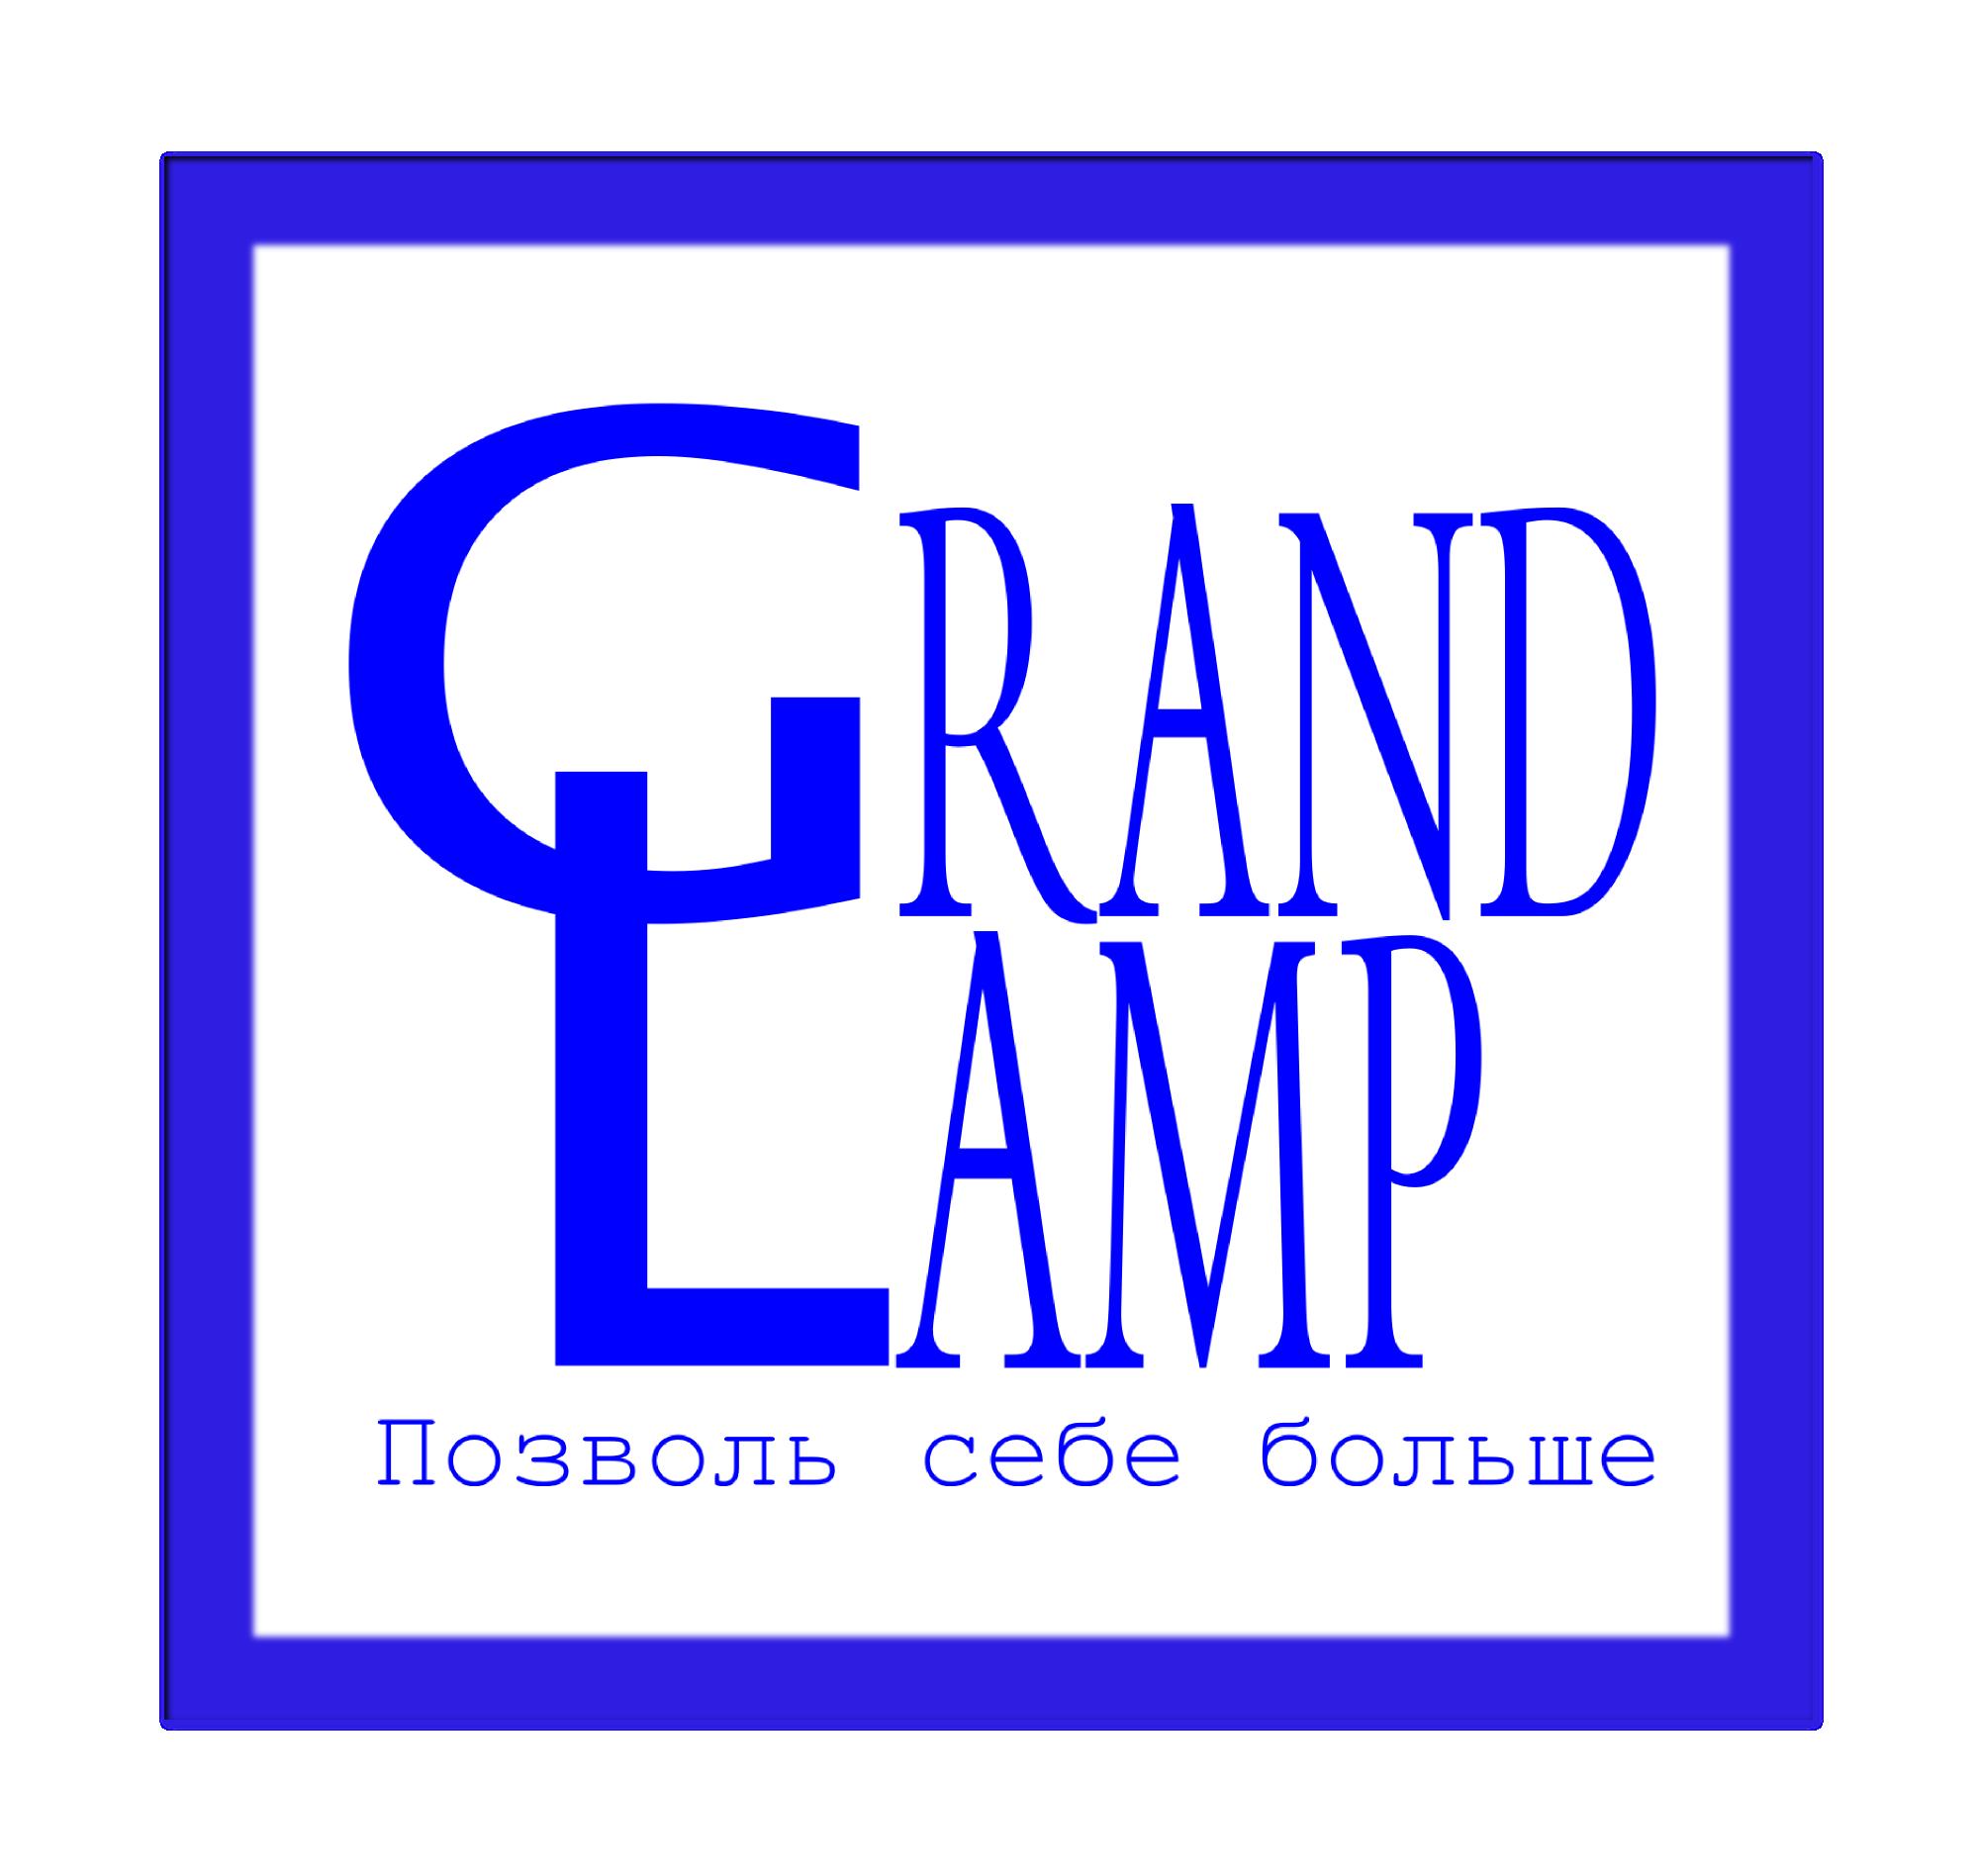 Разработка логотипа и элементов фирменного стиля фото f_57957e422cda4b69.png